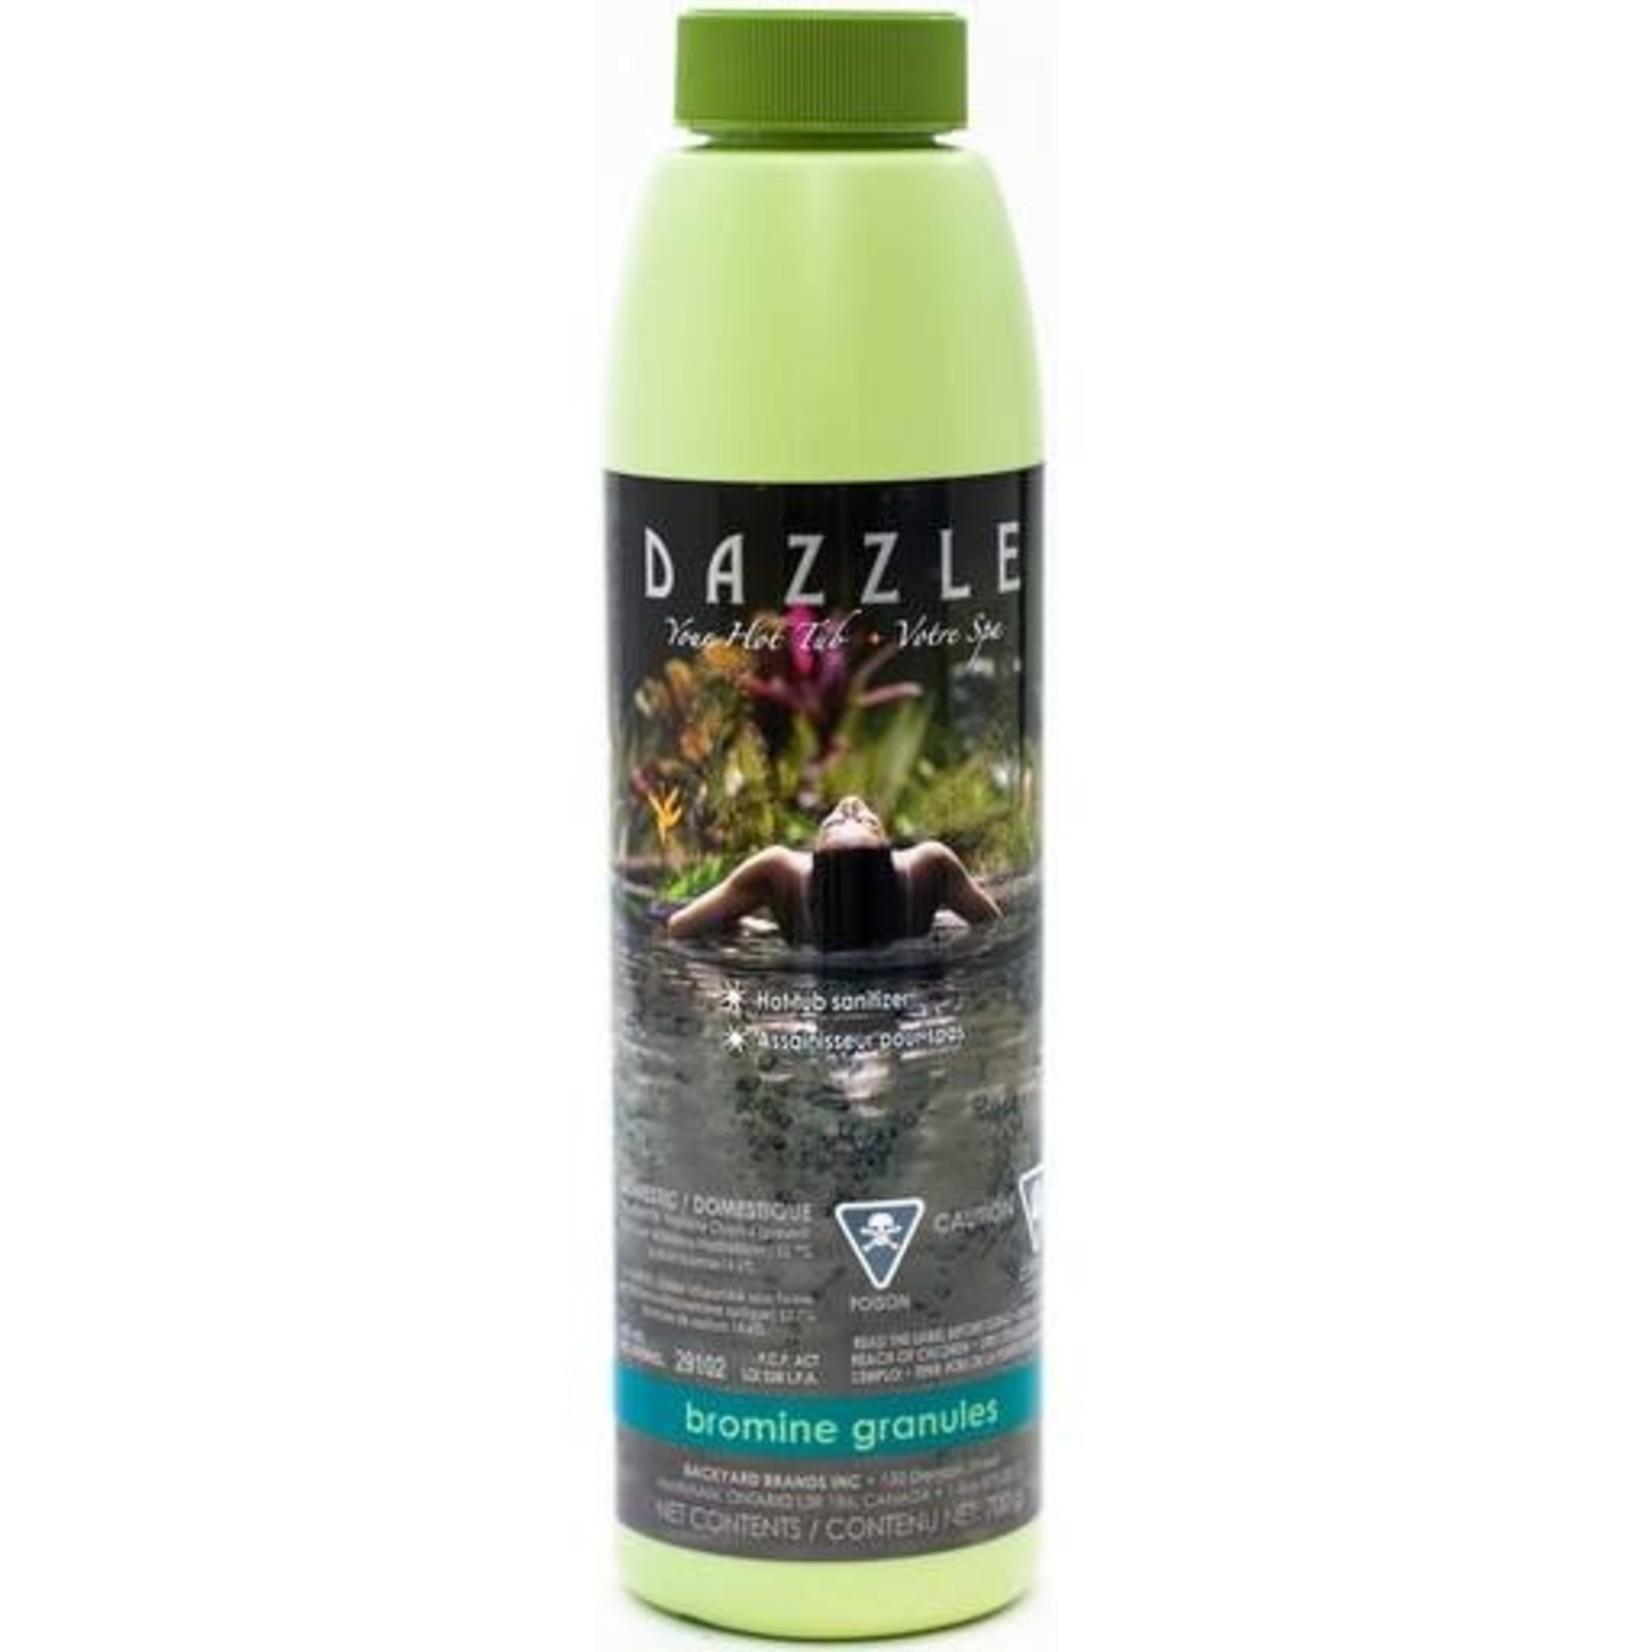 Dazzle Bromine Granules (700 g)